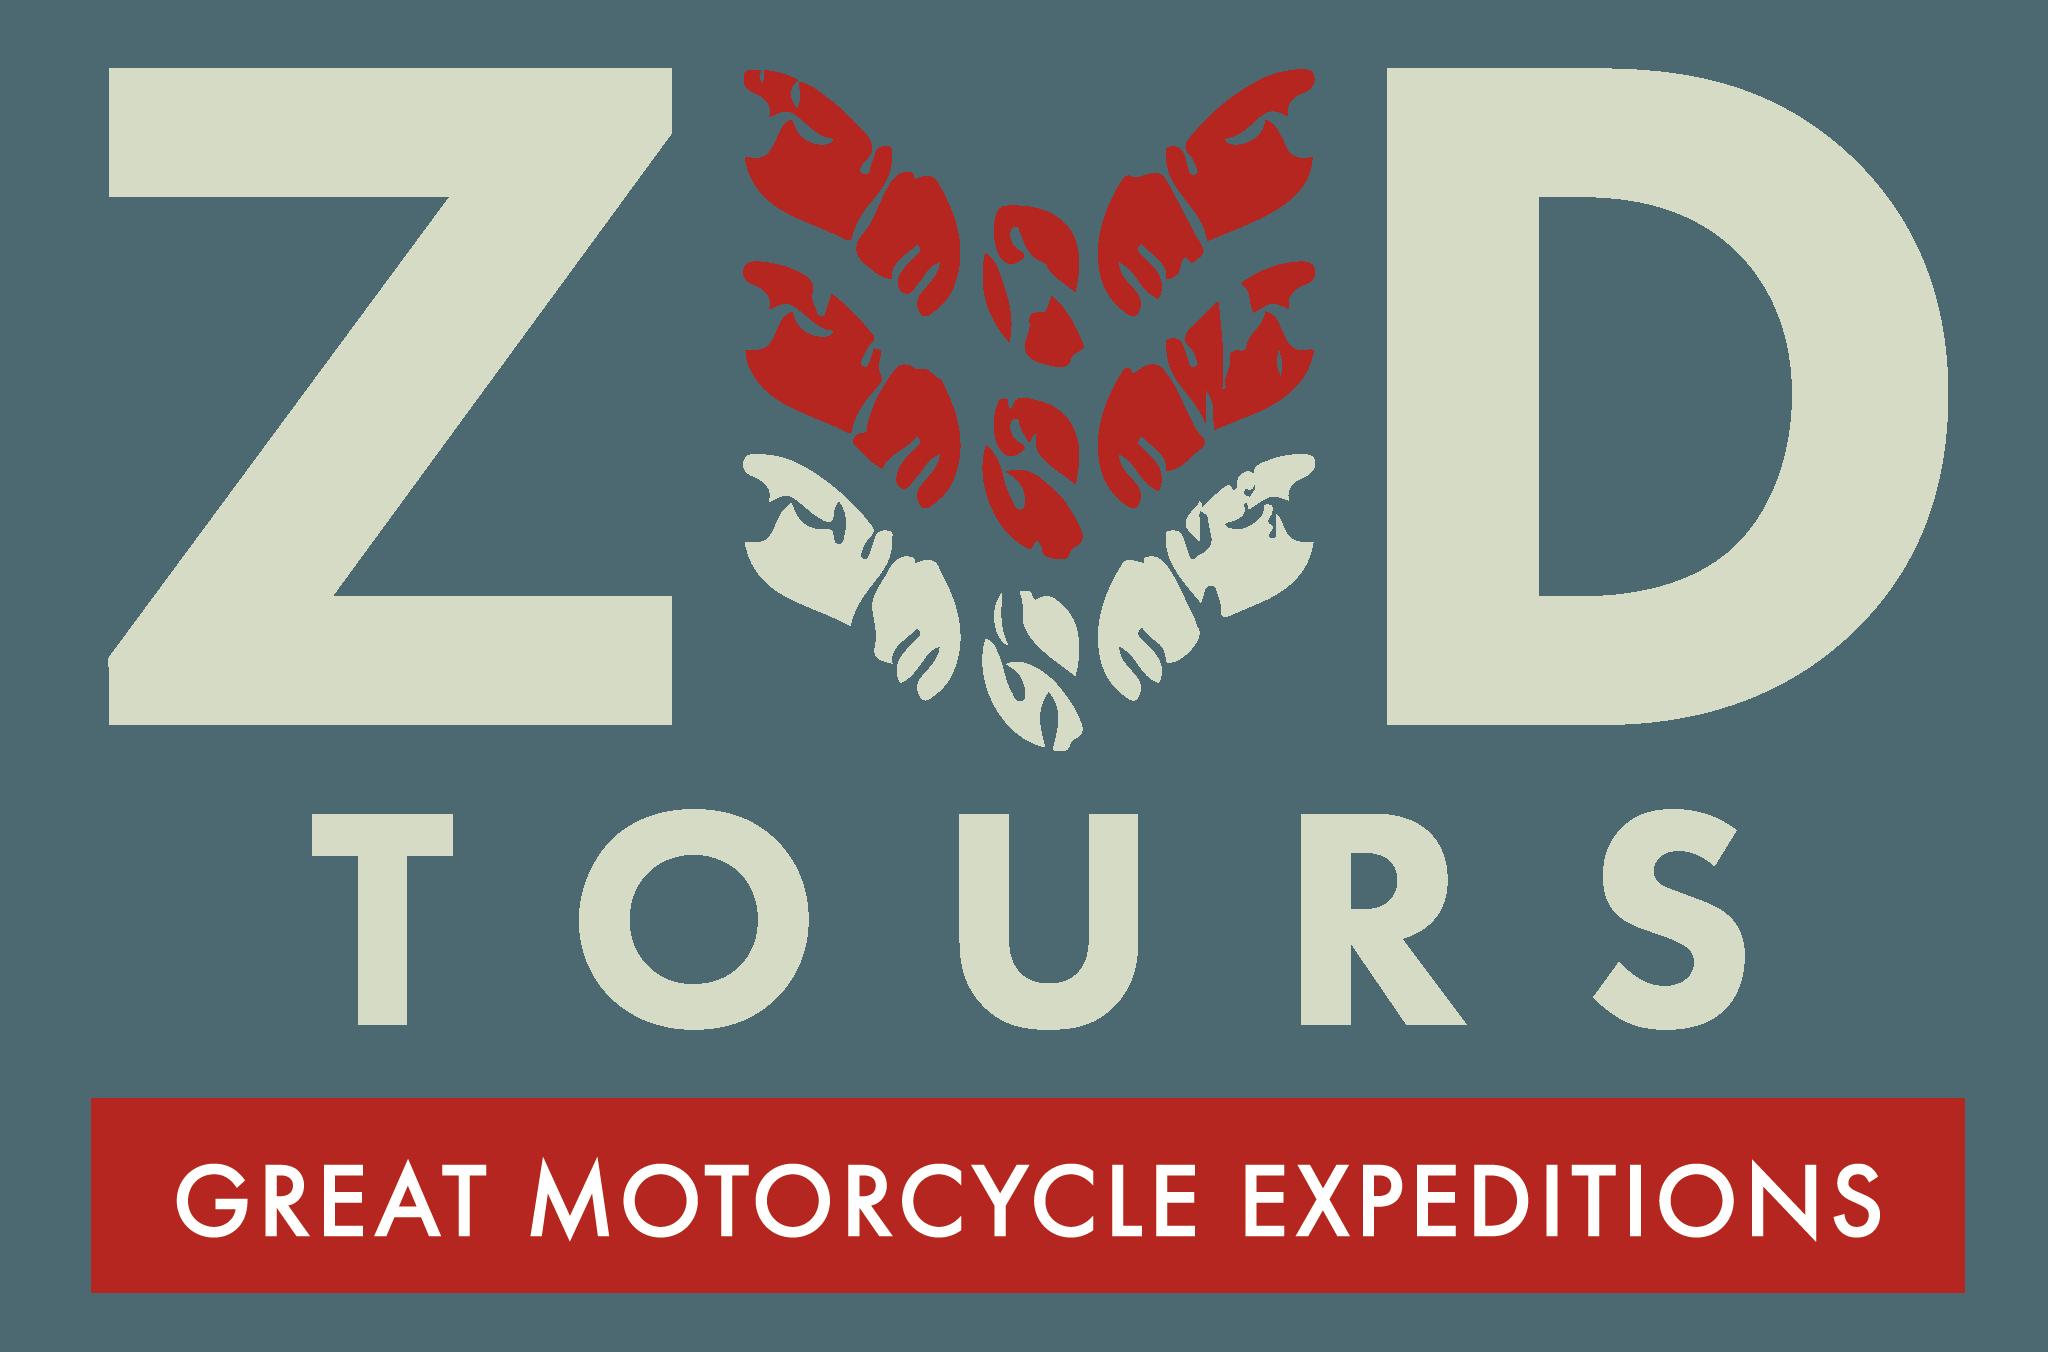 Zed Tours